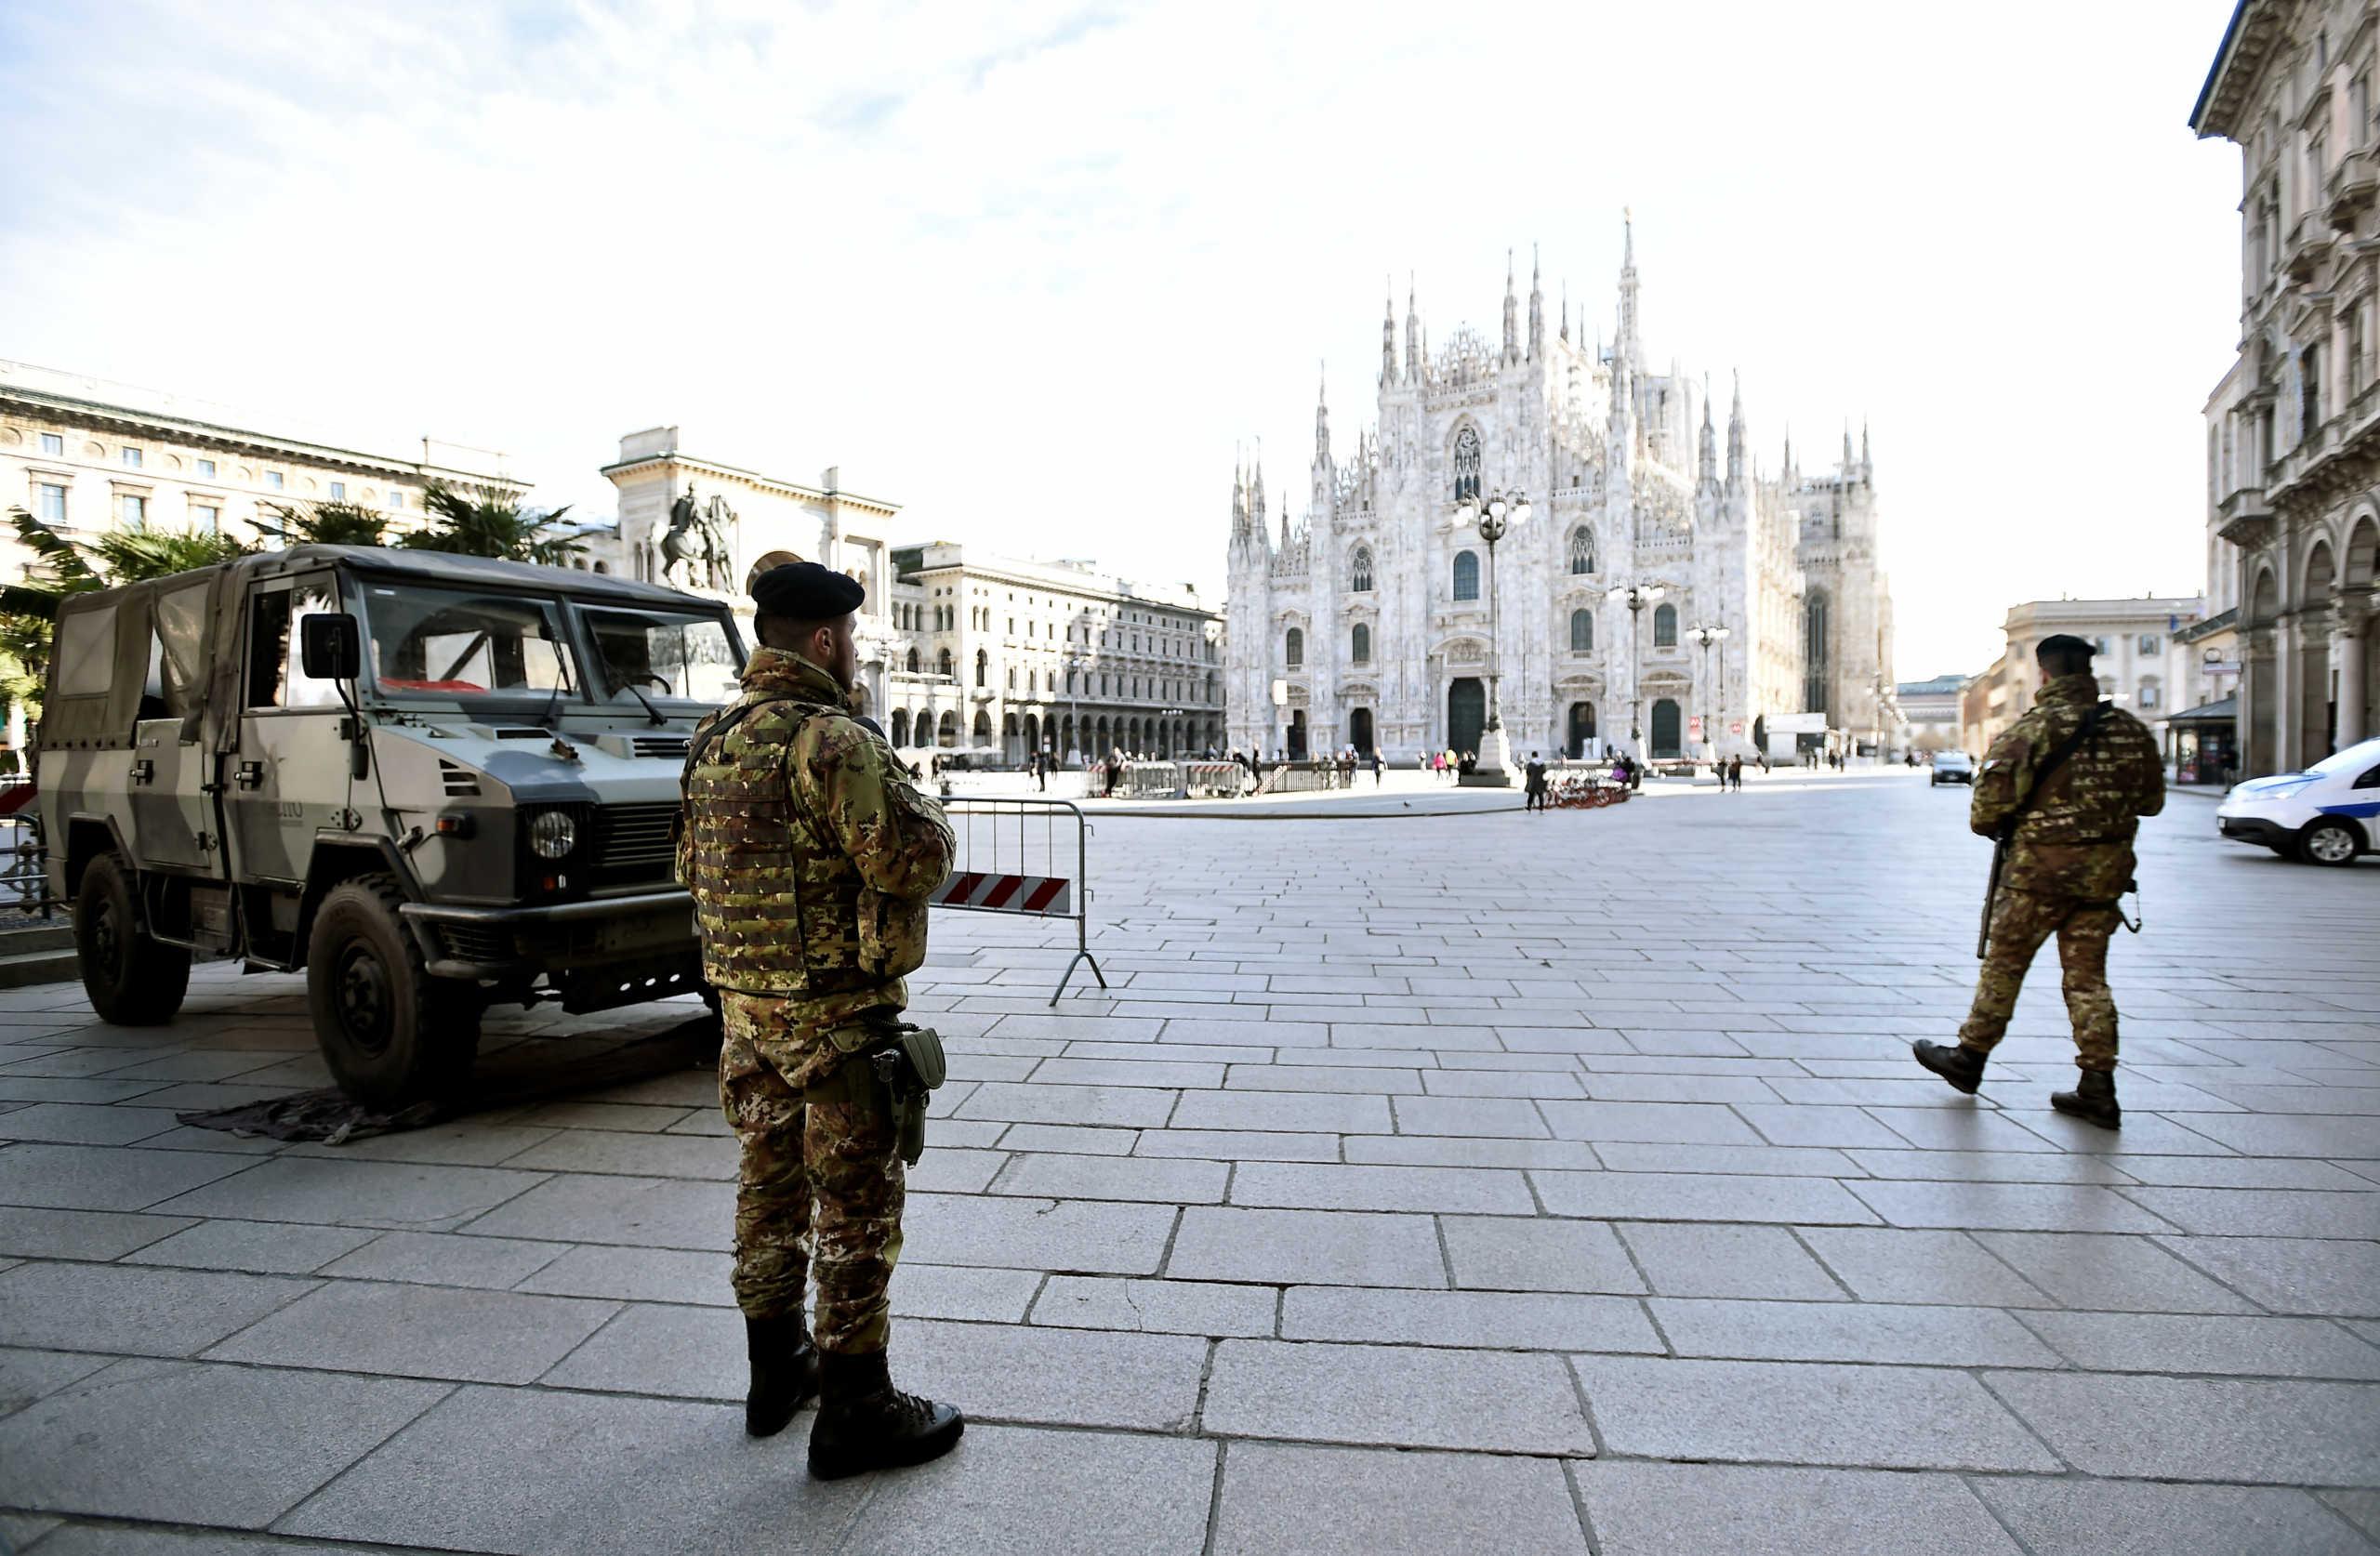 """Εικόνα σοκ από το Μπέργκαμο: Στρατιωτικό κονβόι """"συνοδεύει"""" νεκρούς από τον κορονοϊό"""